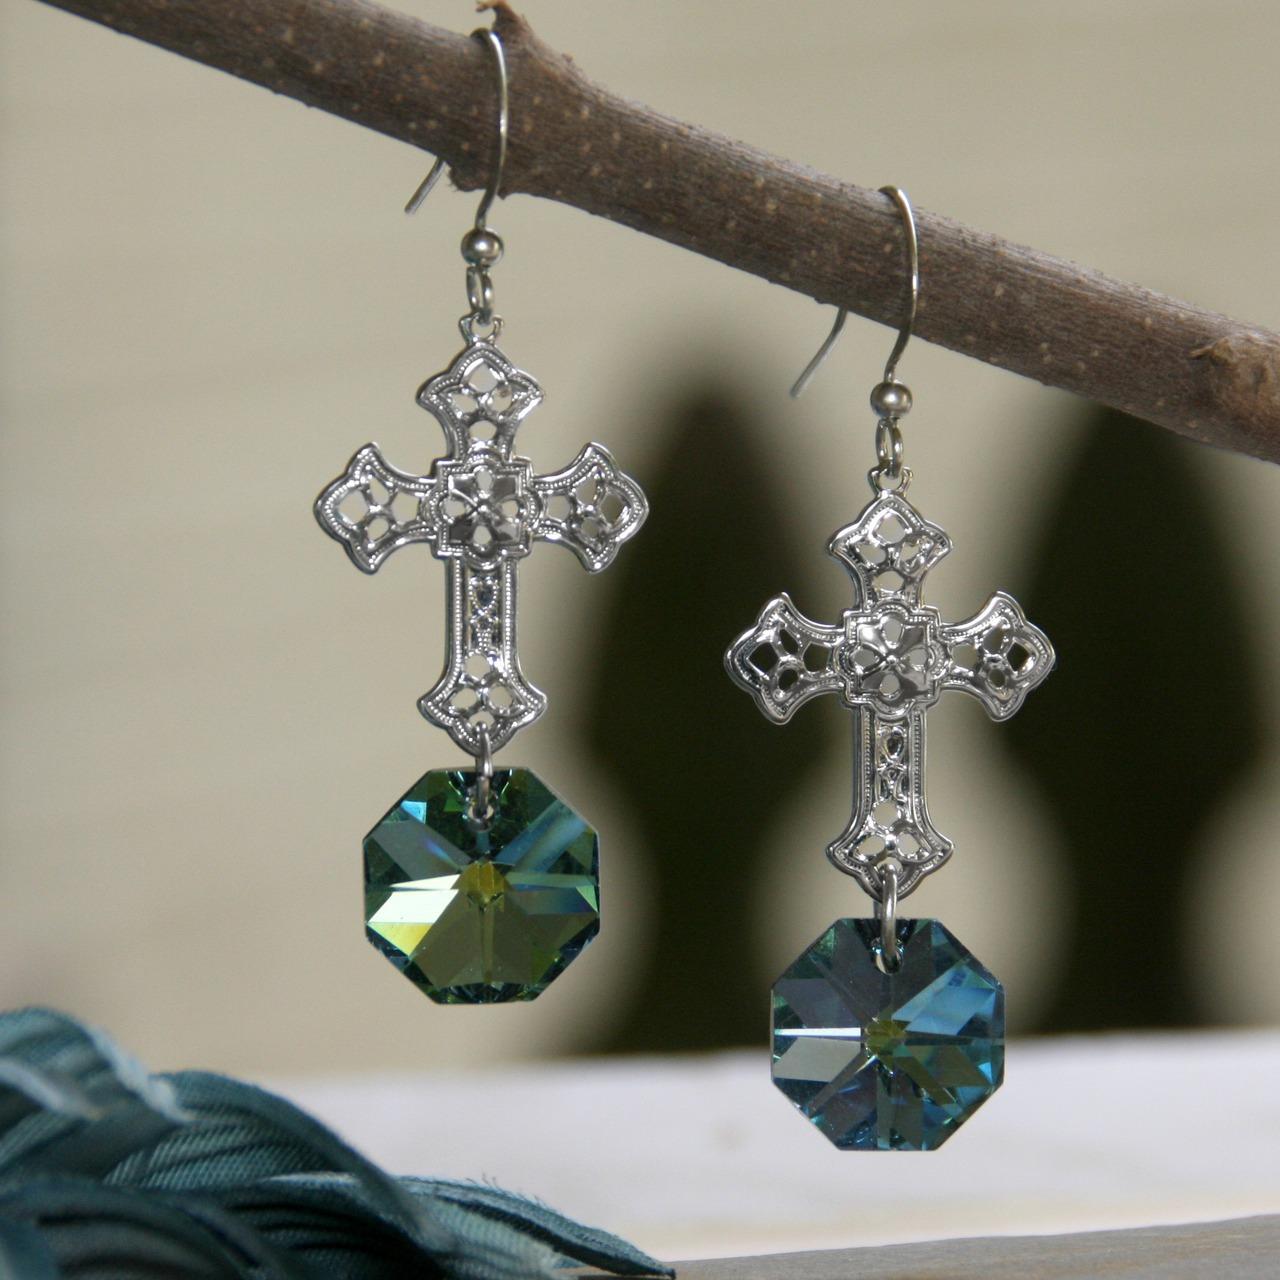 Chandelier Crystal Cross Earrings earrings, chandelier, cross, crystal, jewelry, cross earrings,